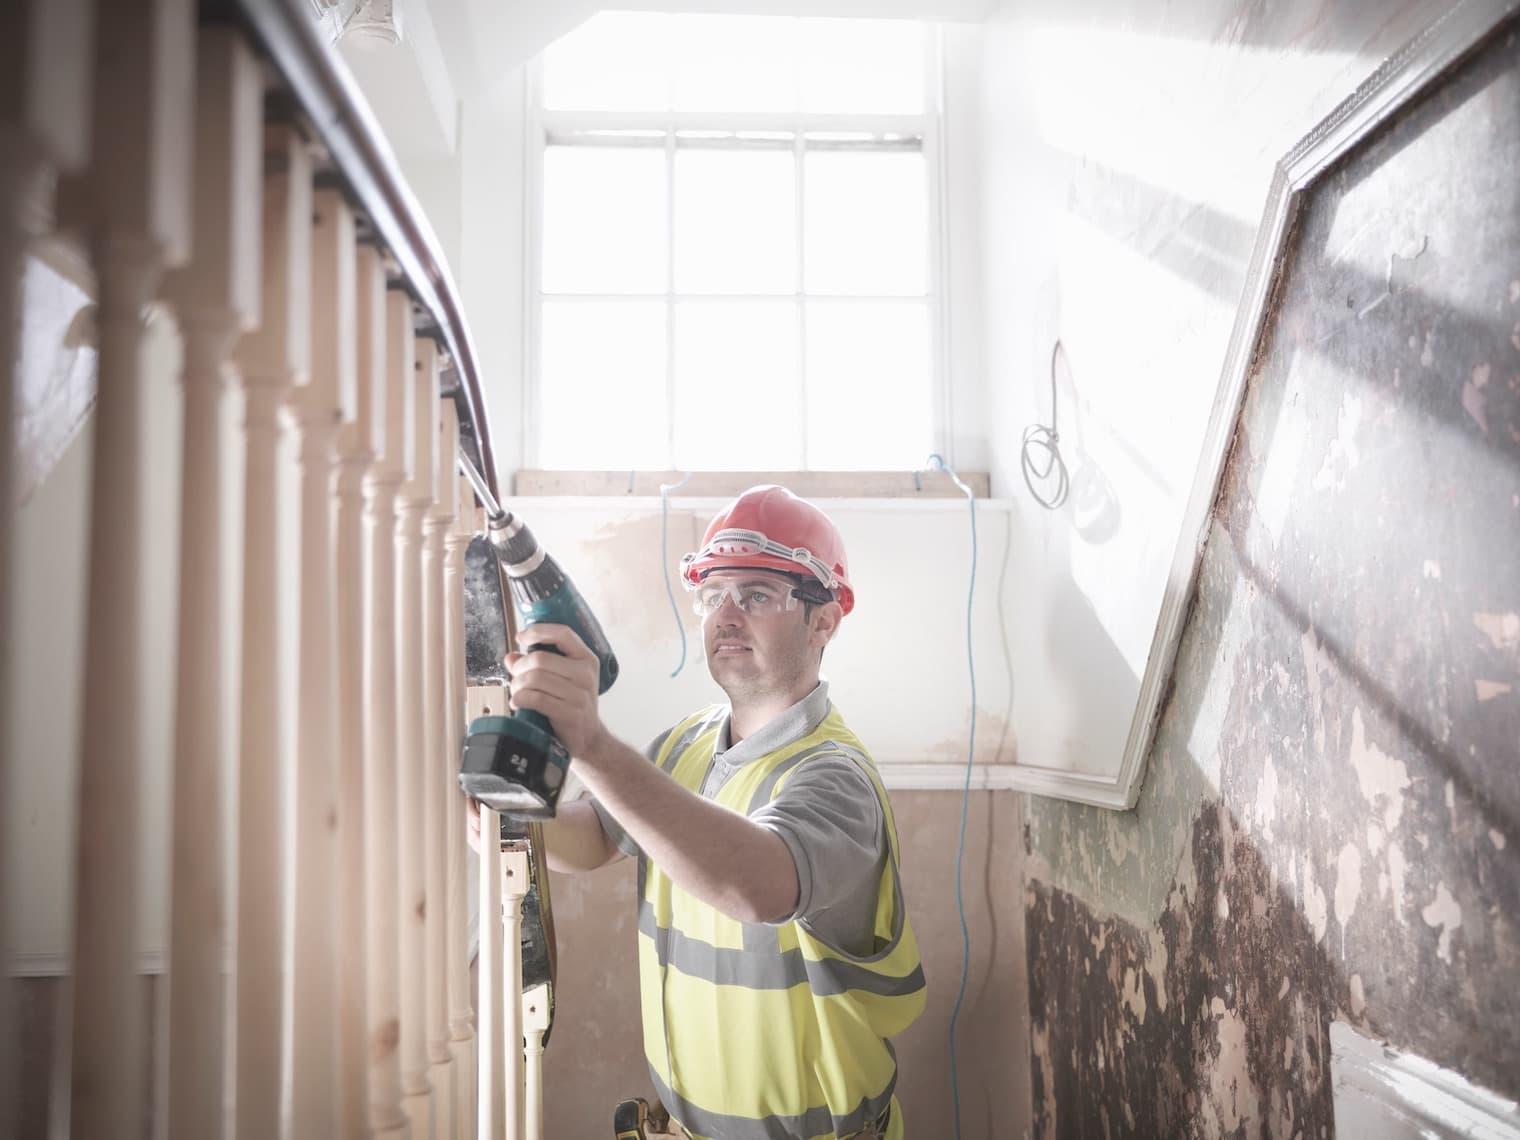 Un homme avec un casque de chantier et un gilet de sécurité dans une cage d'escalier effectue des travaux sur la rampe avec une visseuse sans fil.